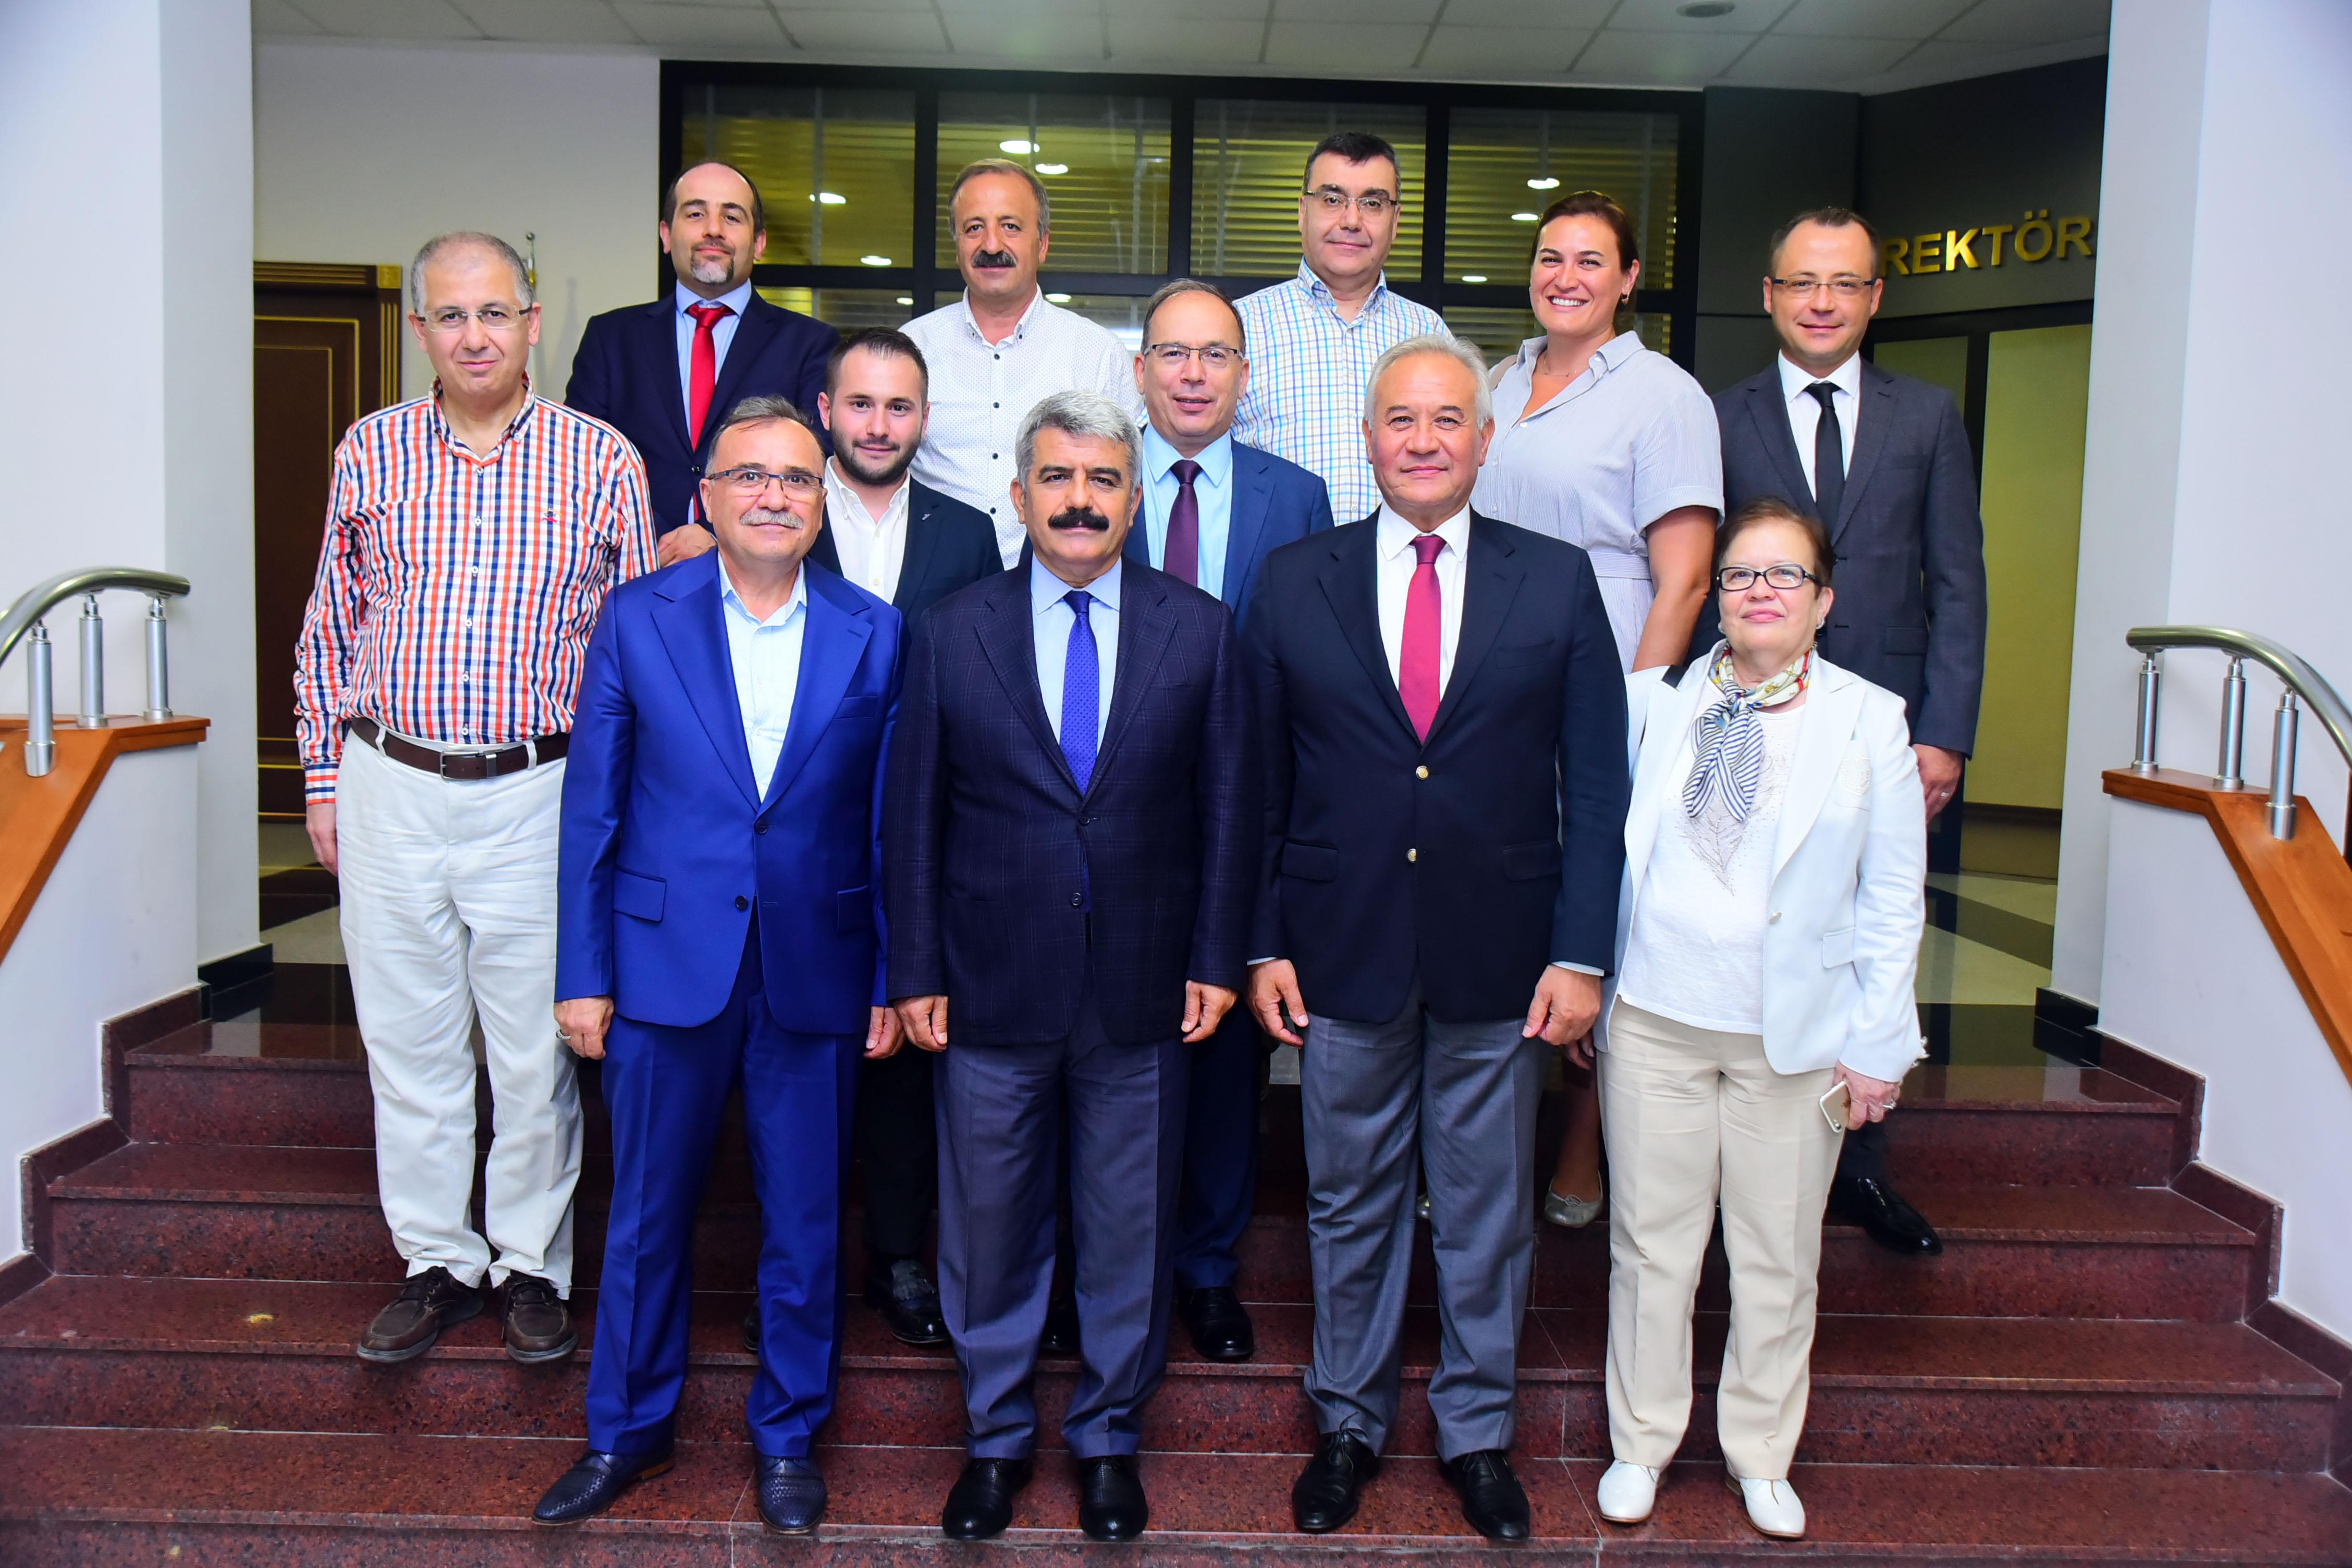 GEBKİM Eğitim, Araştırma ve Sağlık Vakfı ile Kocaeli Üniversitesi sağlık alanında önemli bir protokole imza attı.